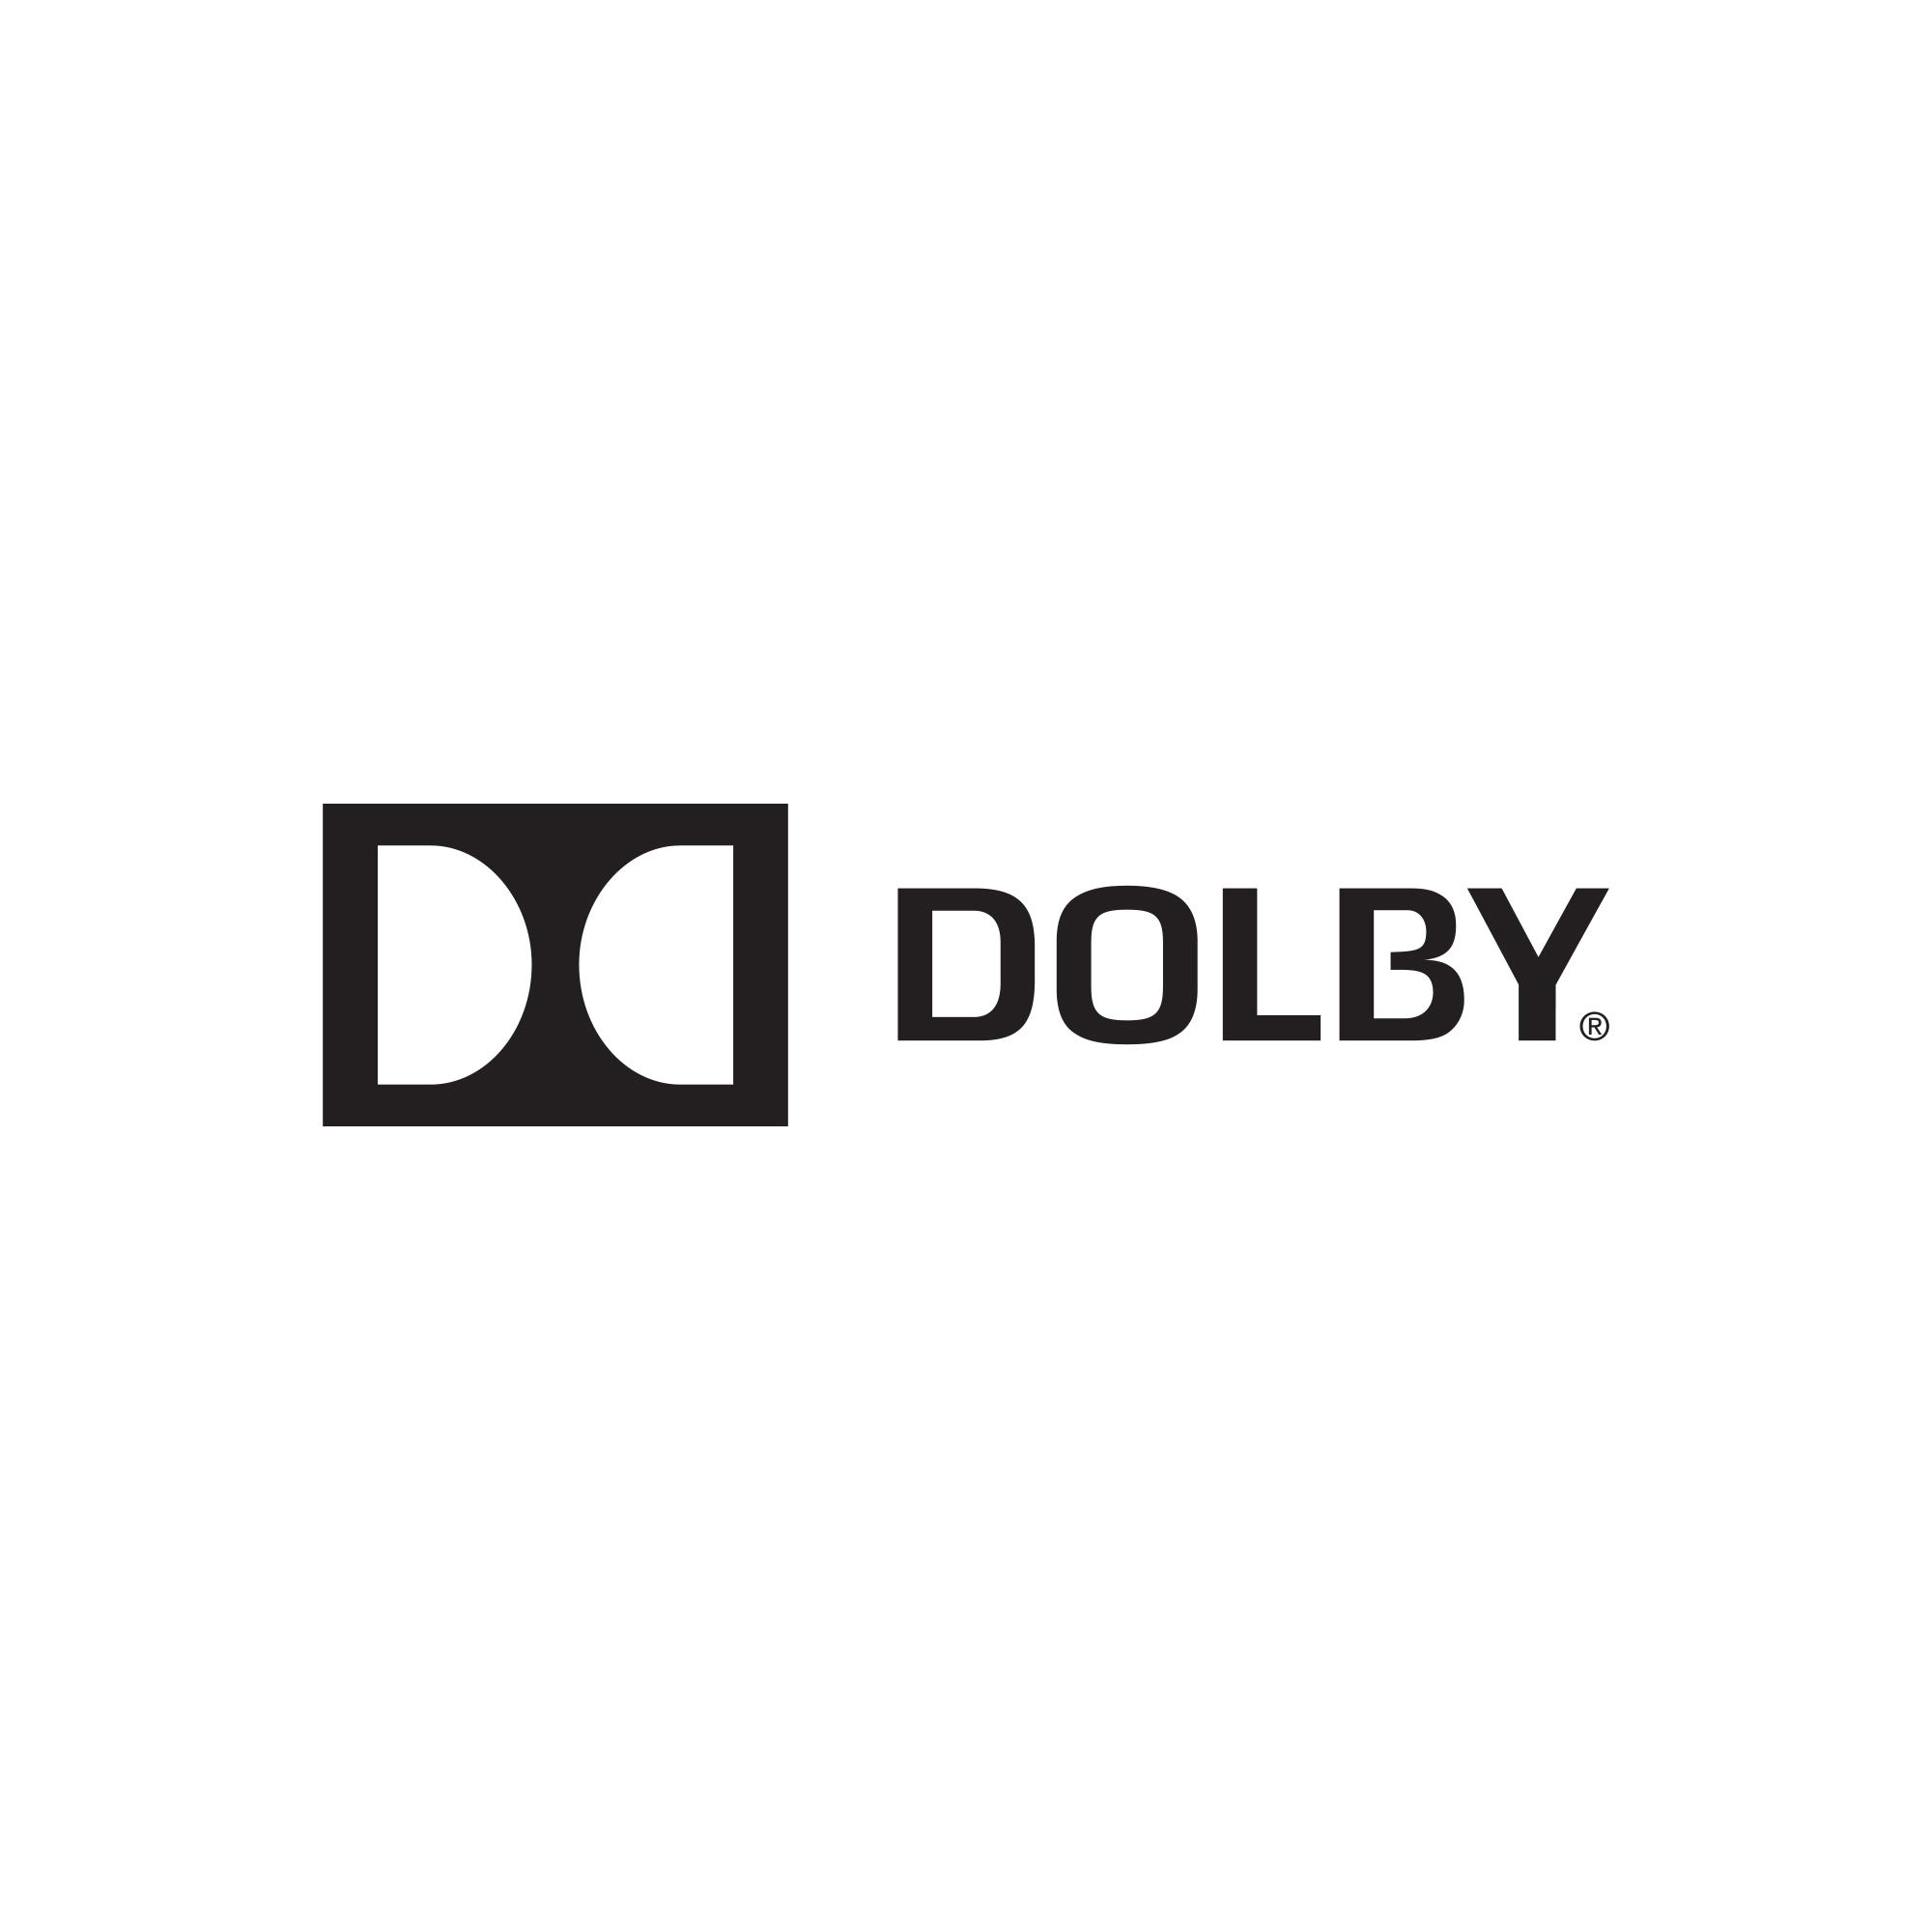 Logo_Dolby.jpg